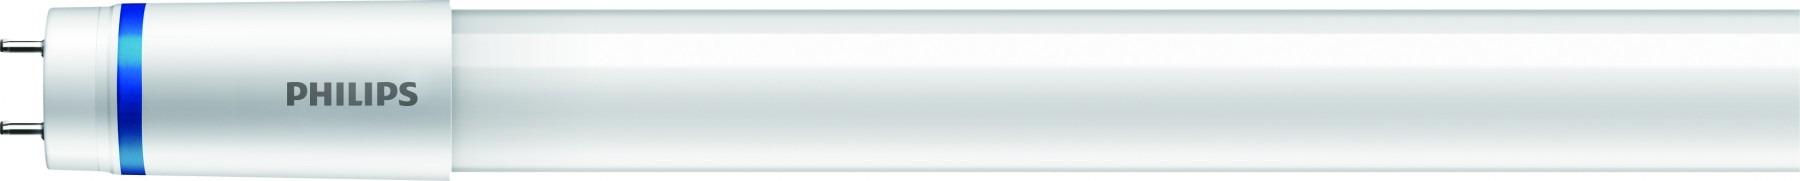 Philips Master LED tube Ultra Output 120 cm 2.500 Lumen neutralweiß